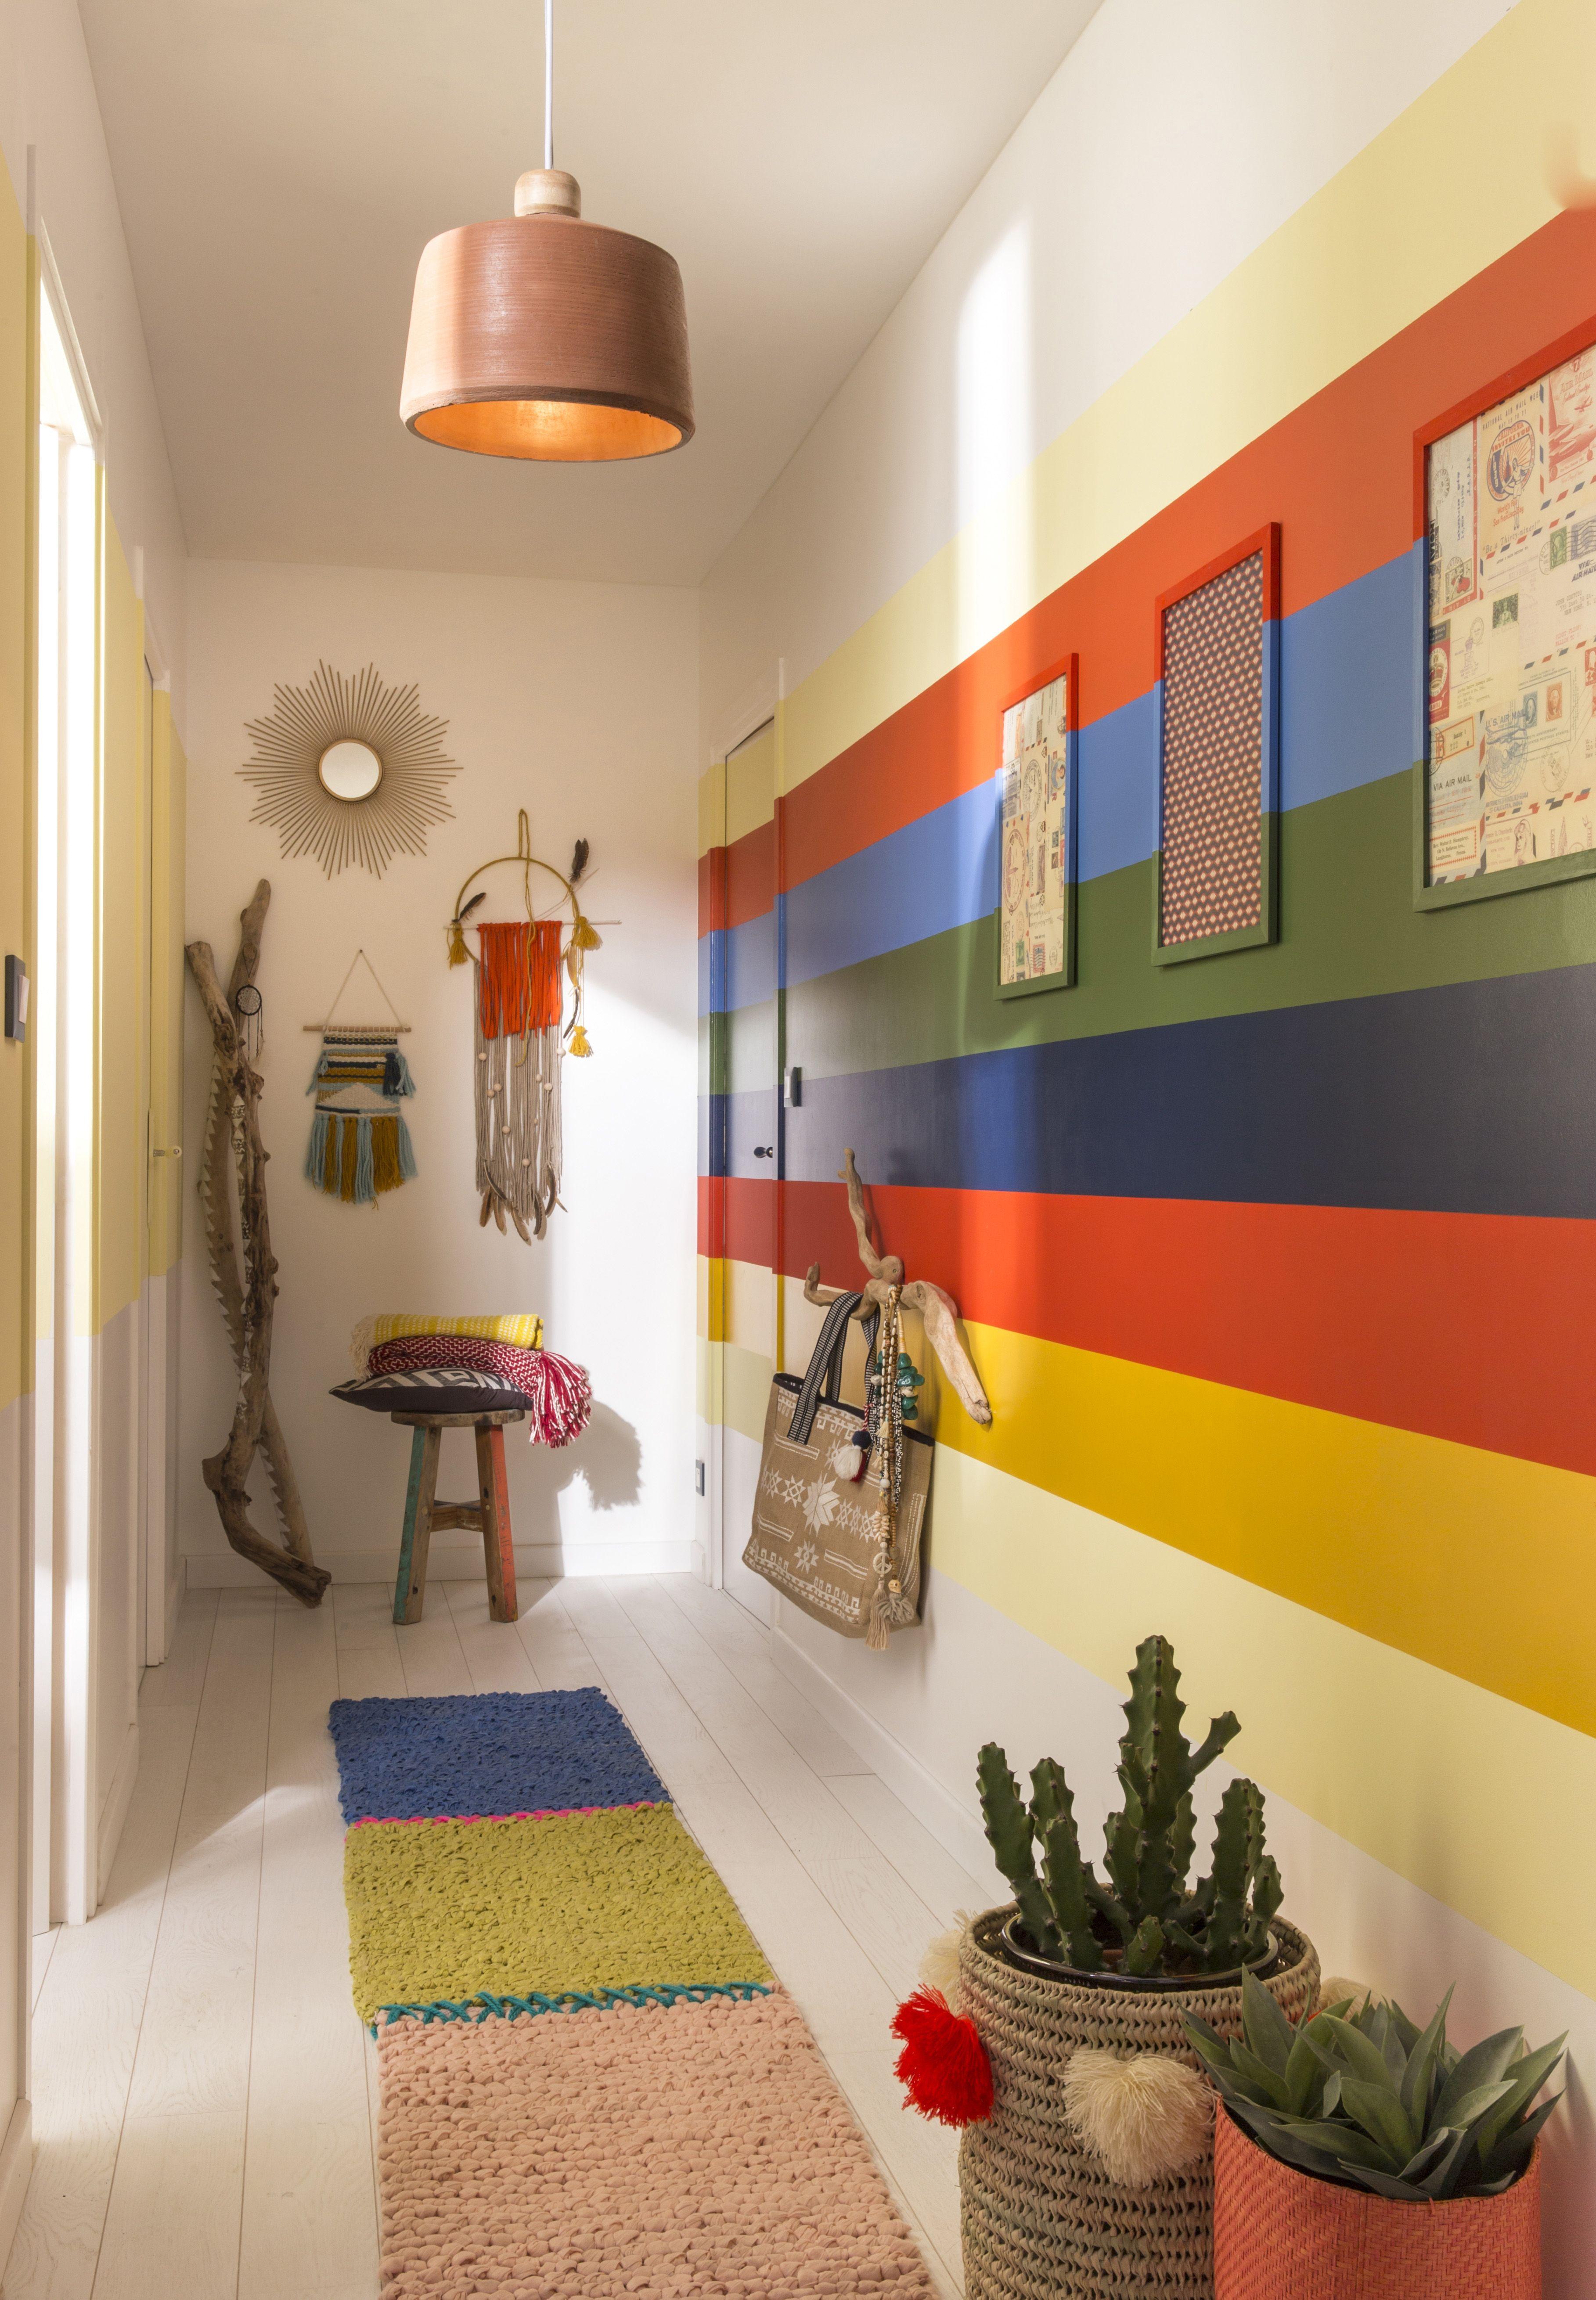 Comment Faire Des Rayures En Peinture Sur Un Mur votre #couloir est long et étroit ? profitez-en ! les